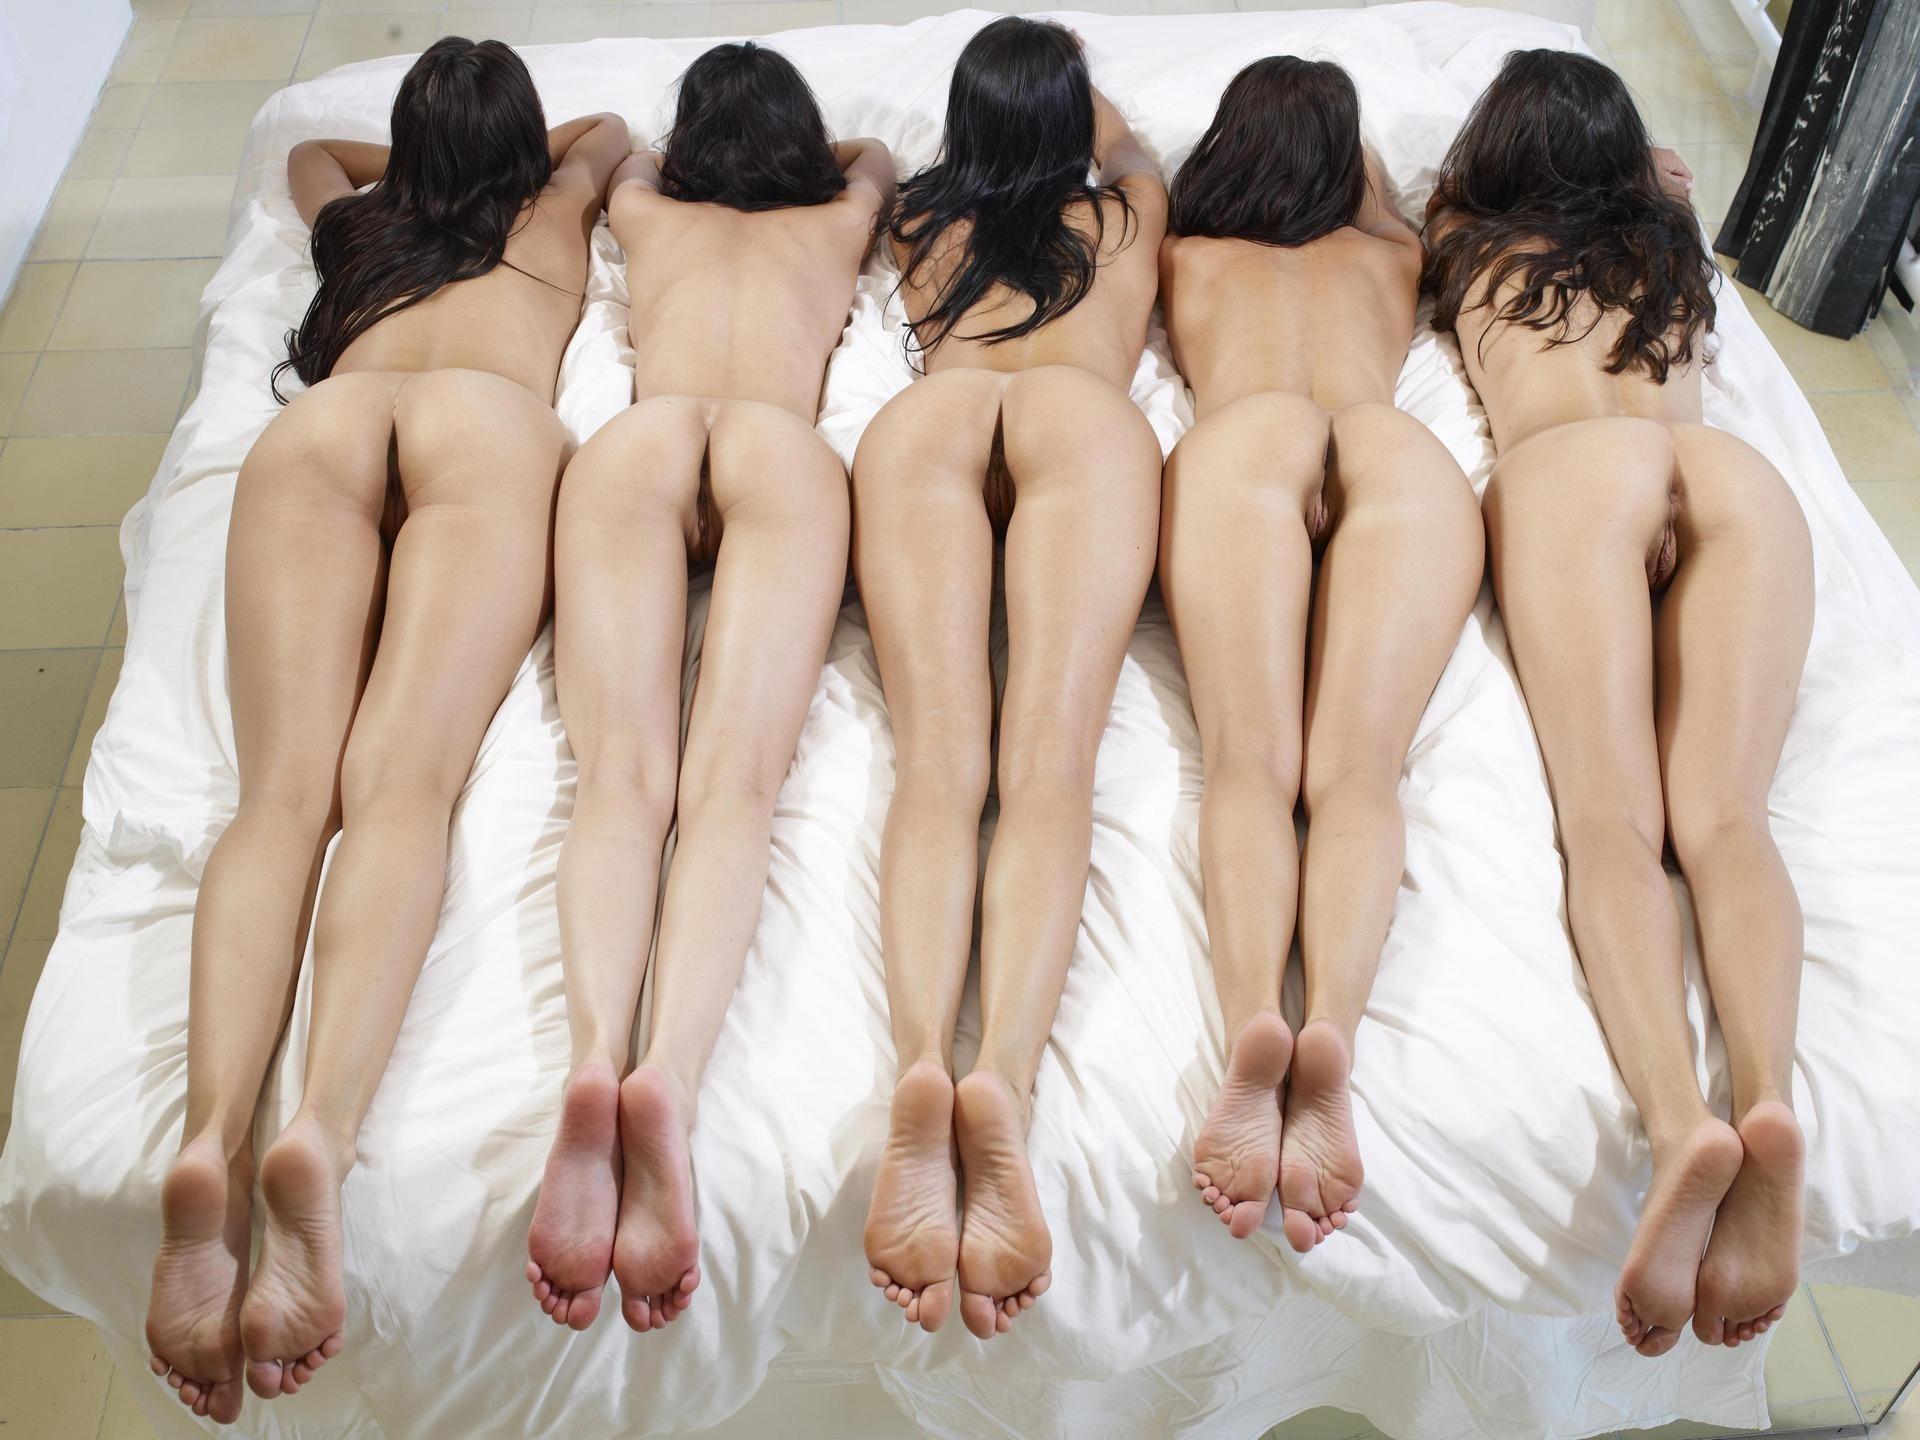 Фото с голенькими девушками 20 фотография